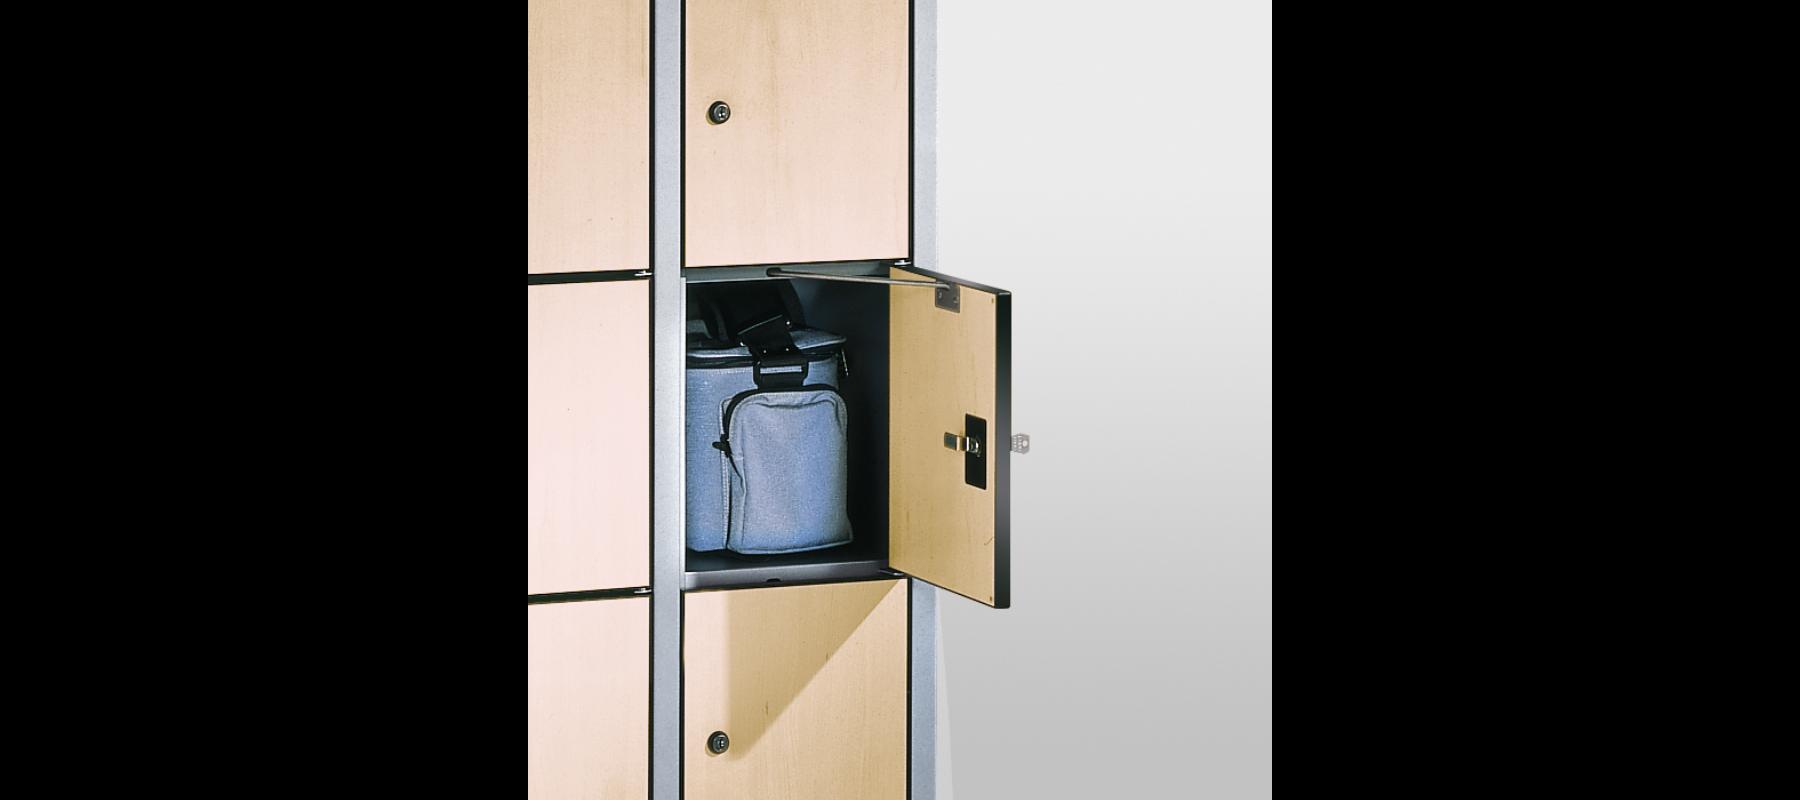 szatnie szafy schowkowe cp detale - 10